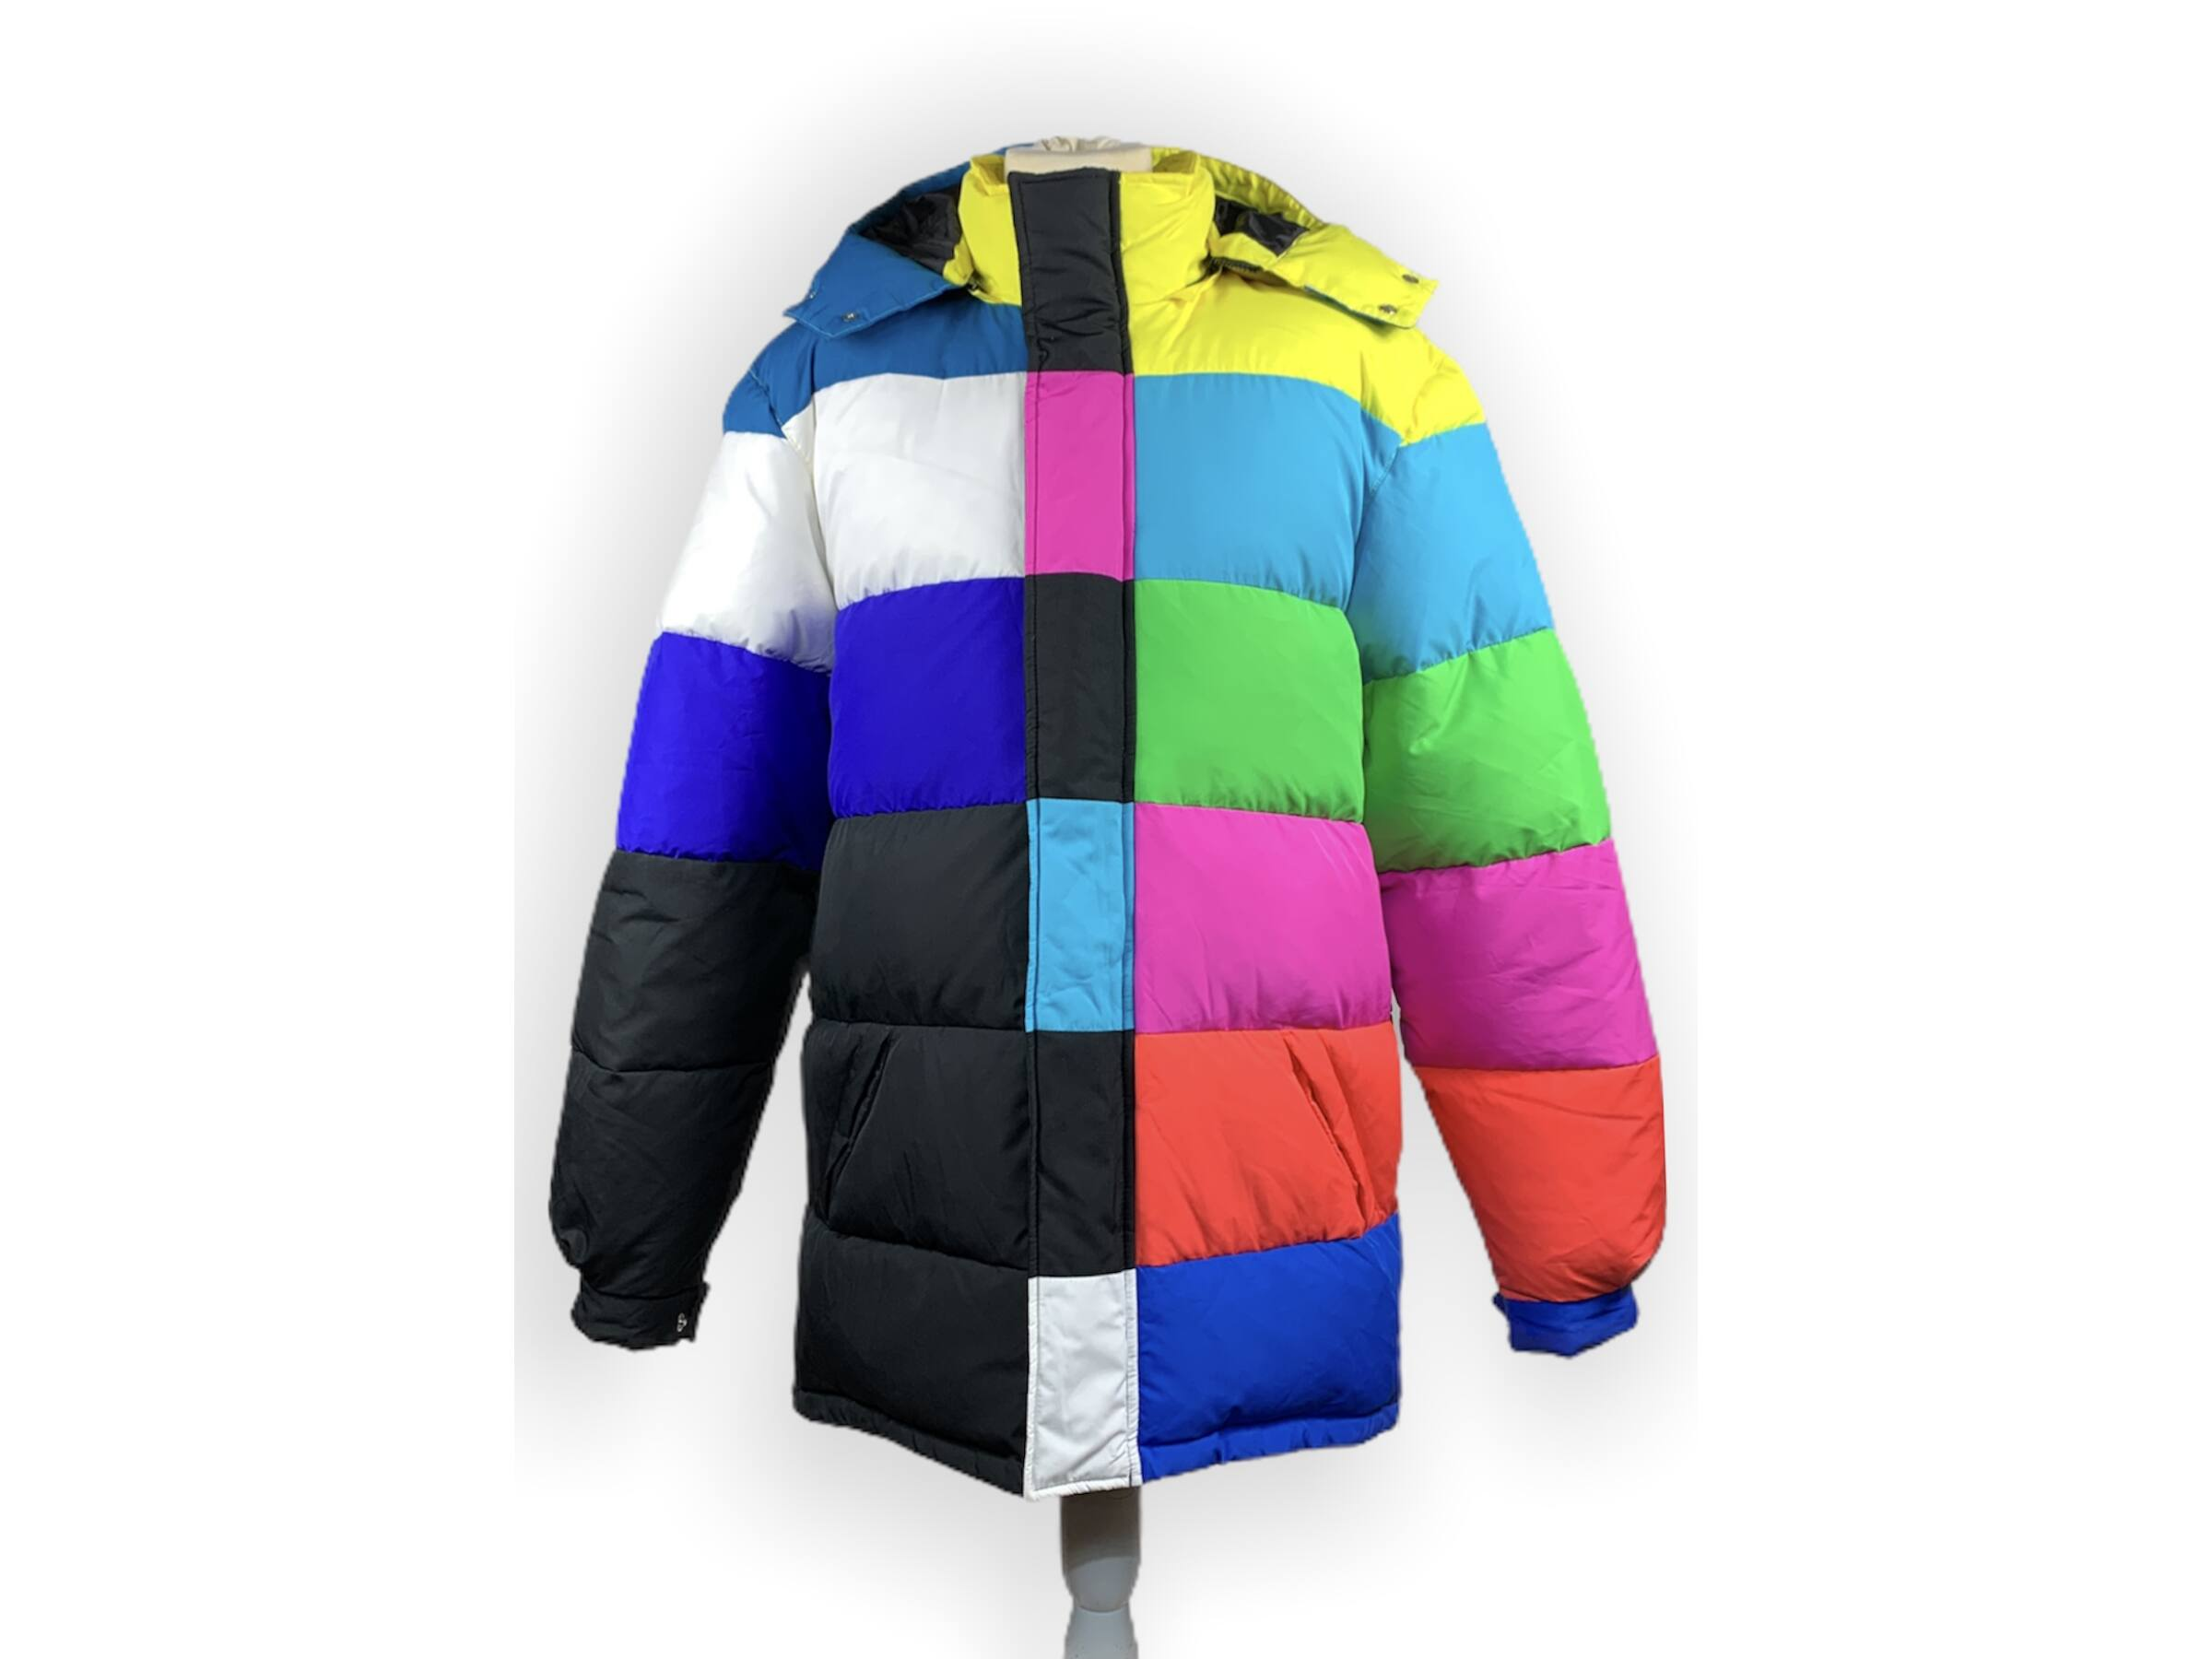 Jeremy Scott X Adidas Originals kabát (L)